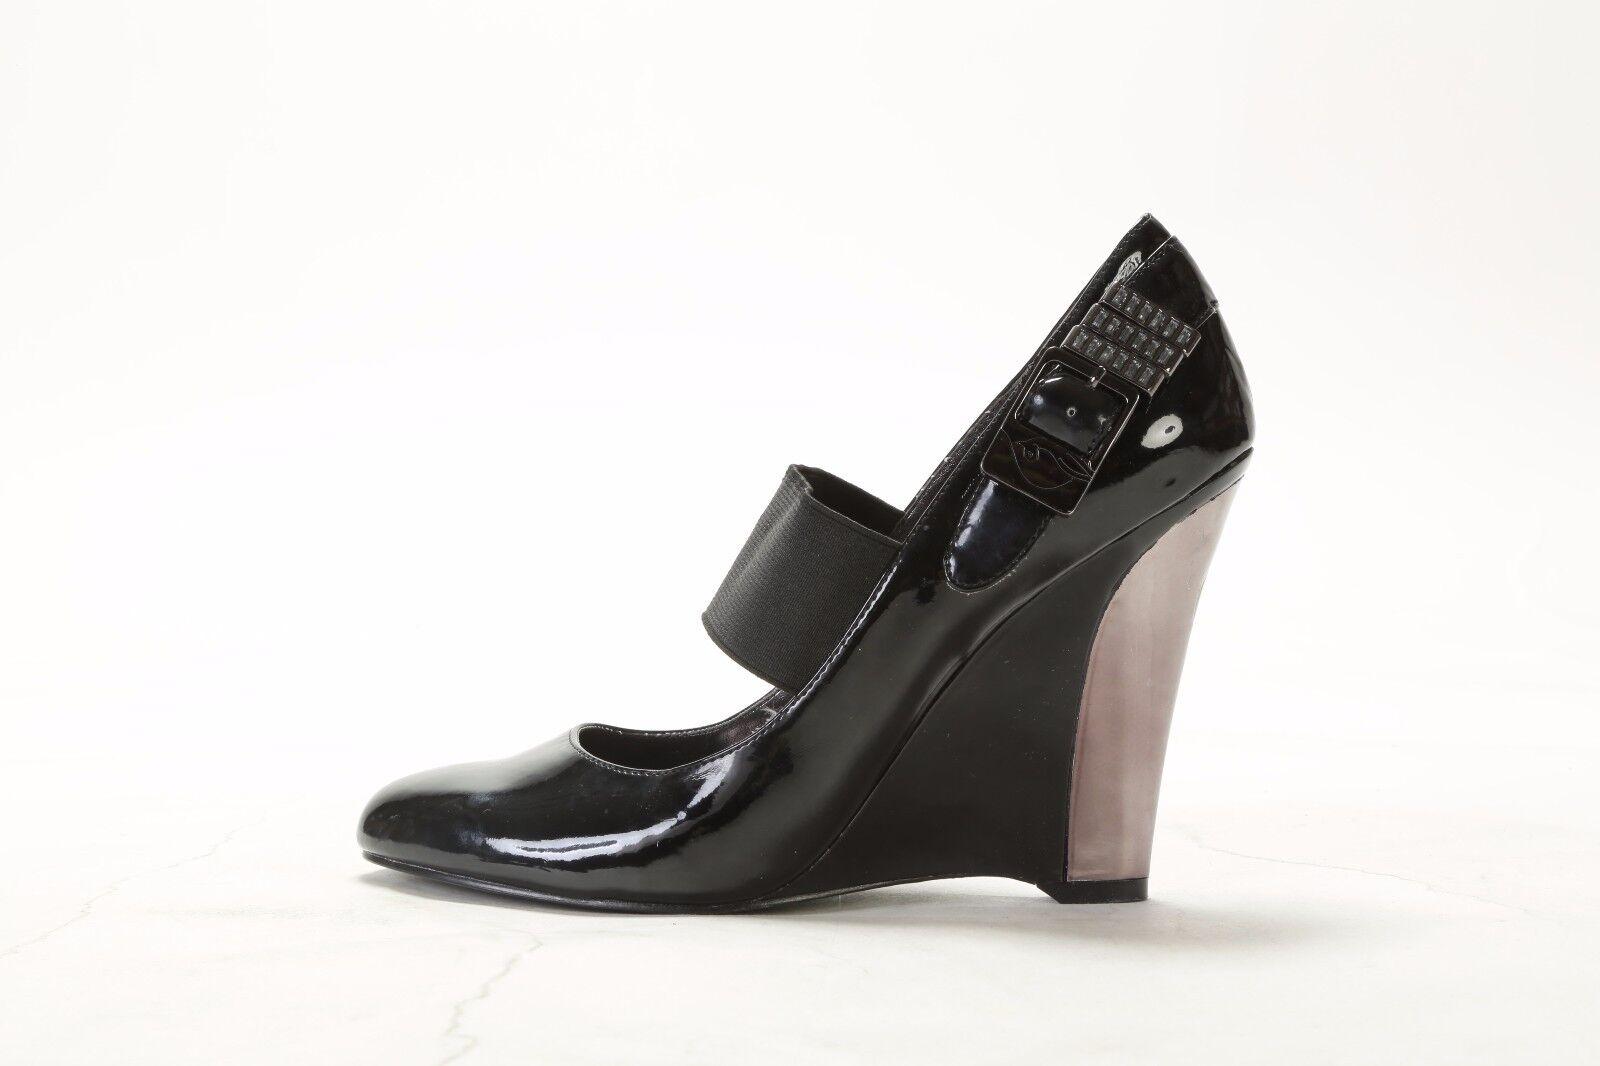 negozio online NEW NEW NEW donna'S BABY PHAT GIANNA BP83344 nero  lo stile classico